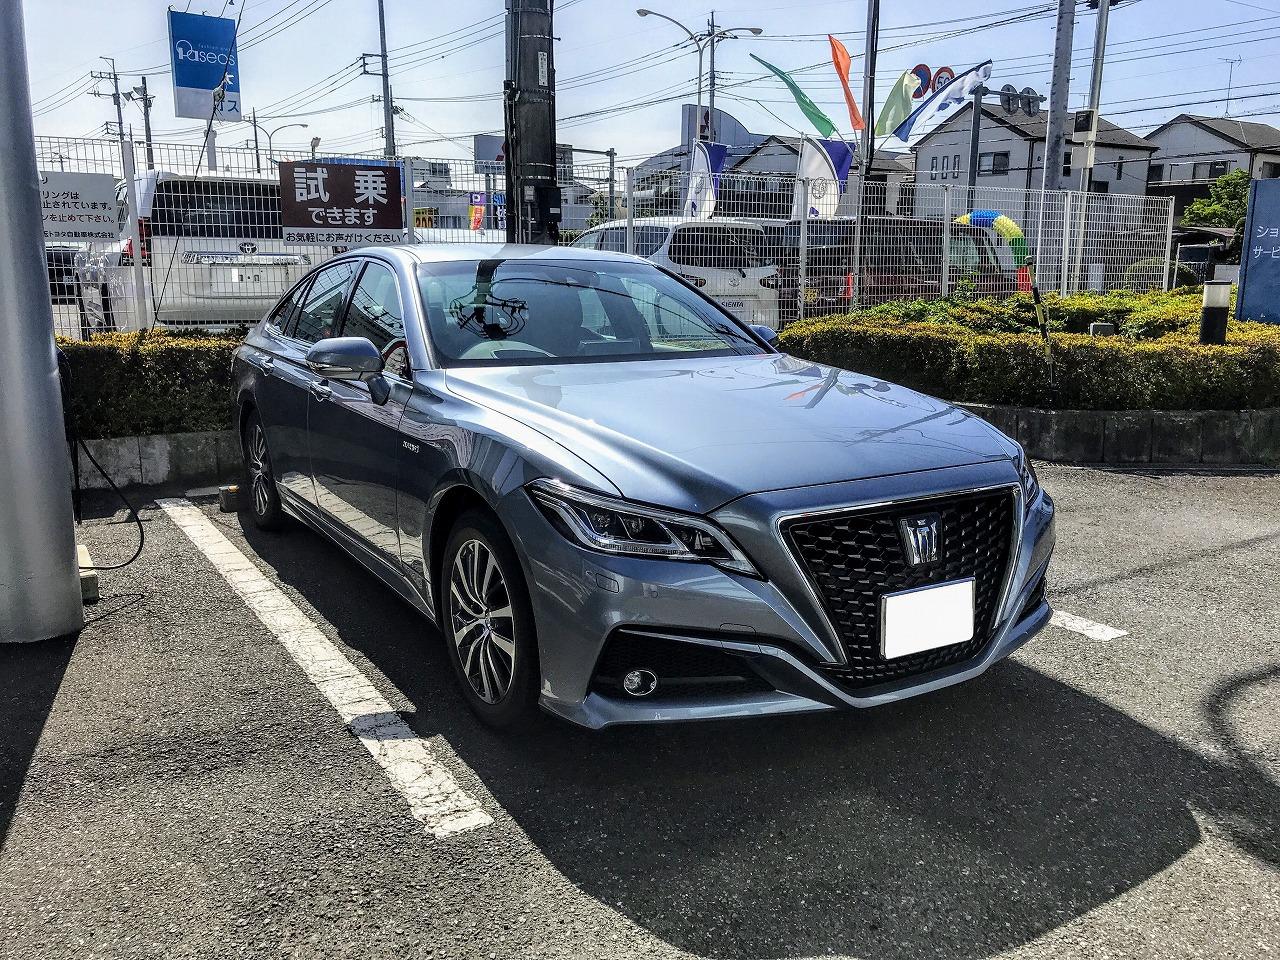 【試乗レポート】トヨタ新型クラウン見て、試乗して、見積もりしてきました^^ハイブリット2.5G試乗編♪